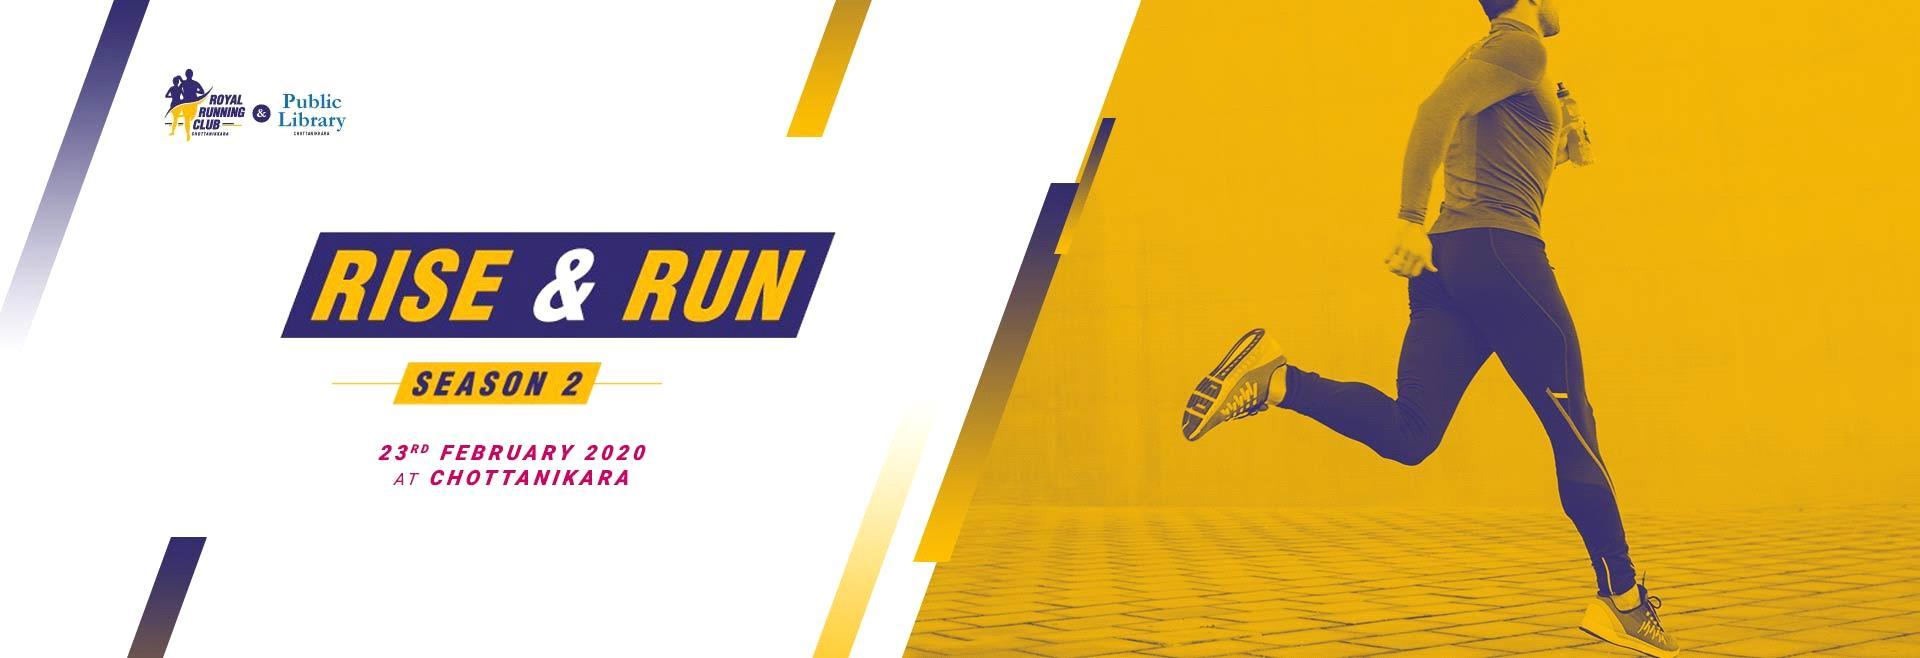 Rise & Run season 2